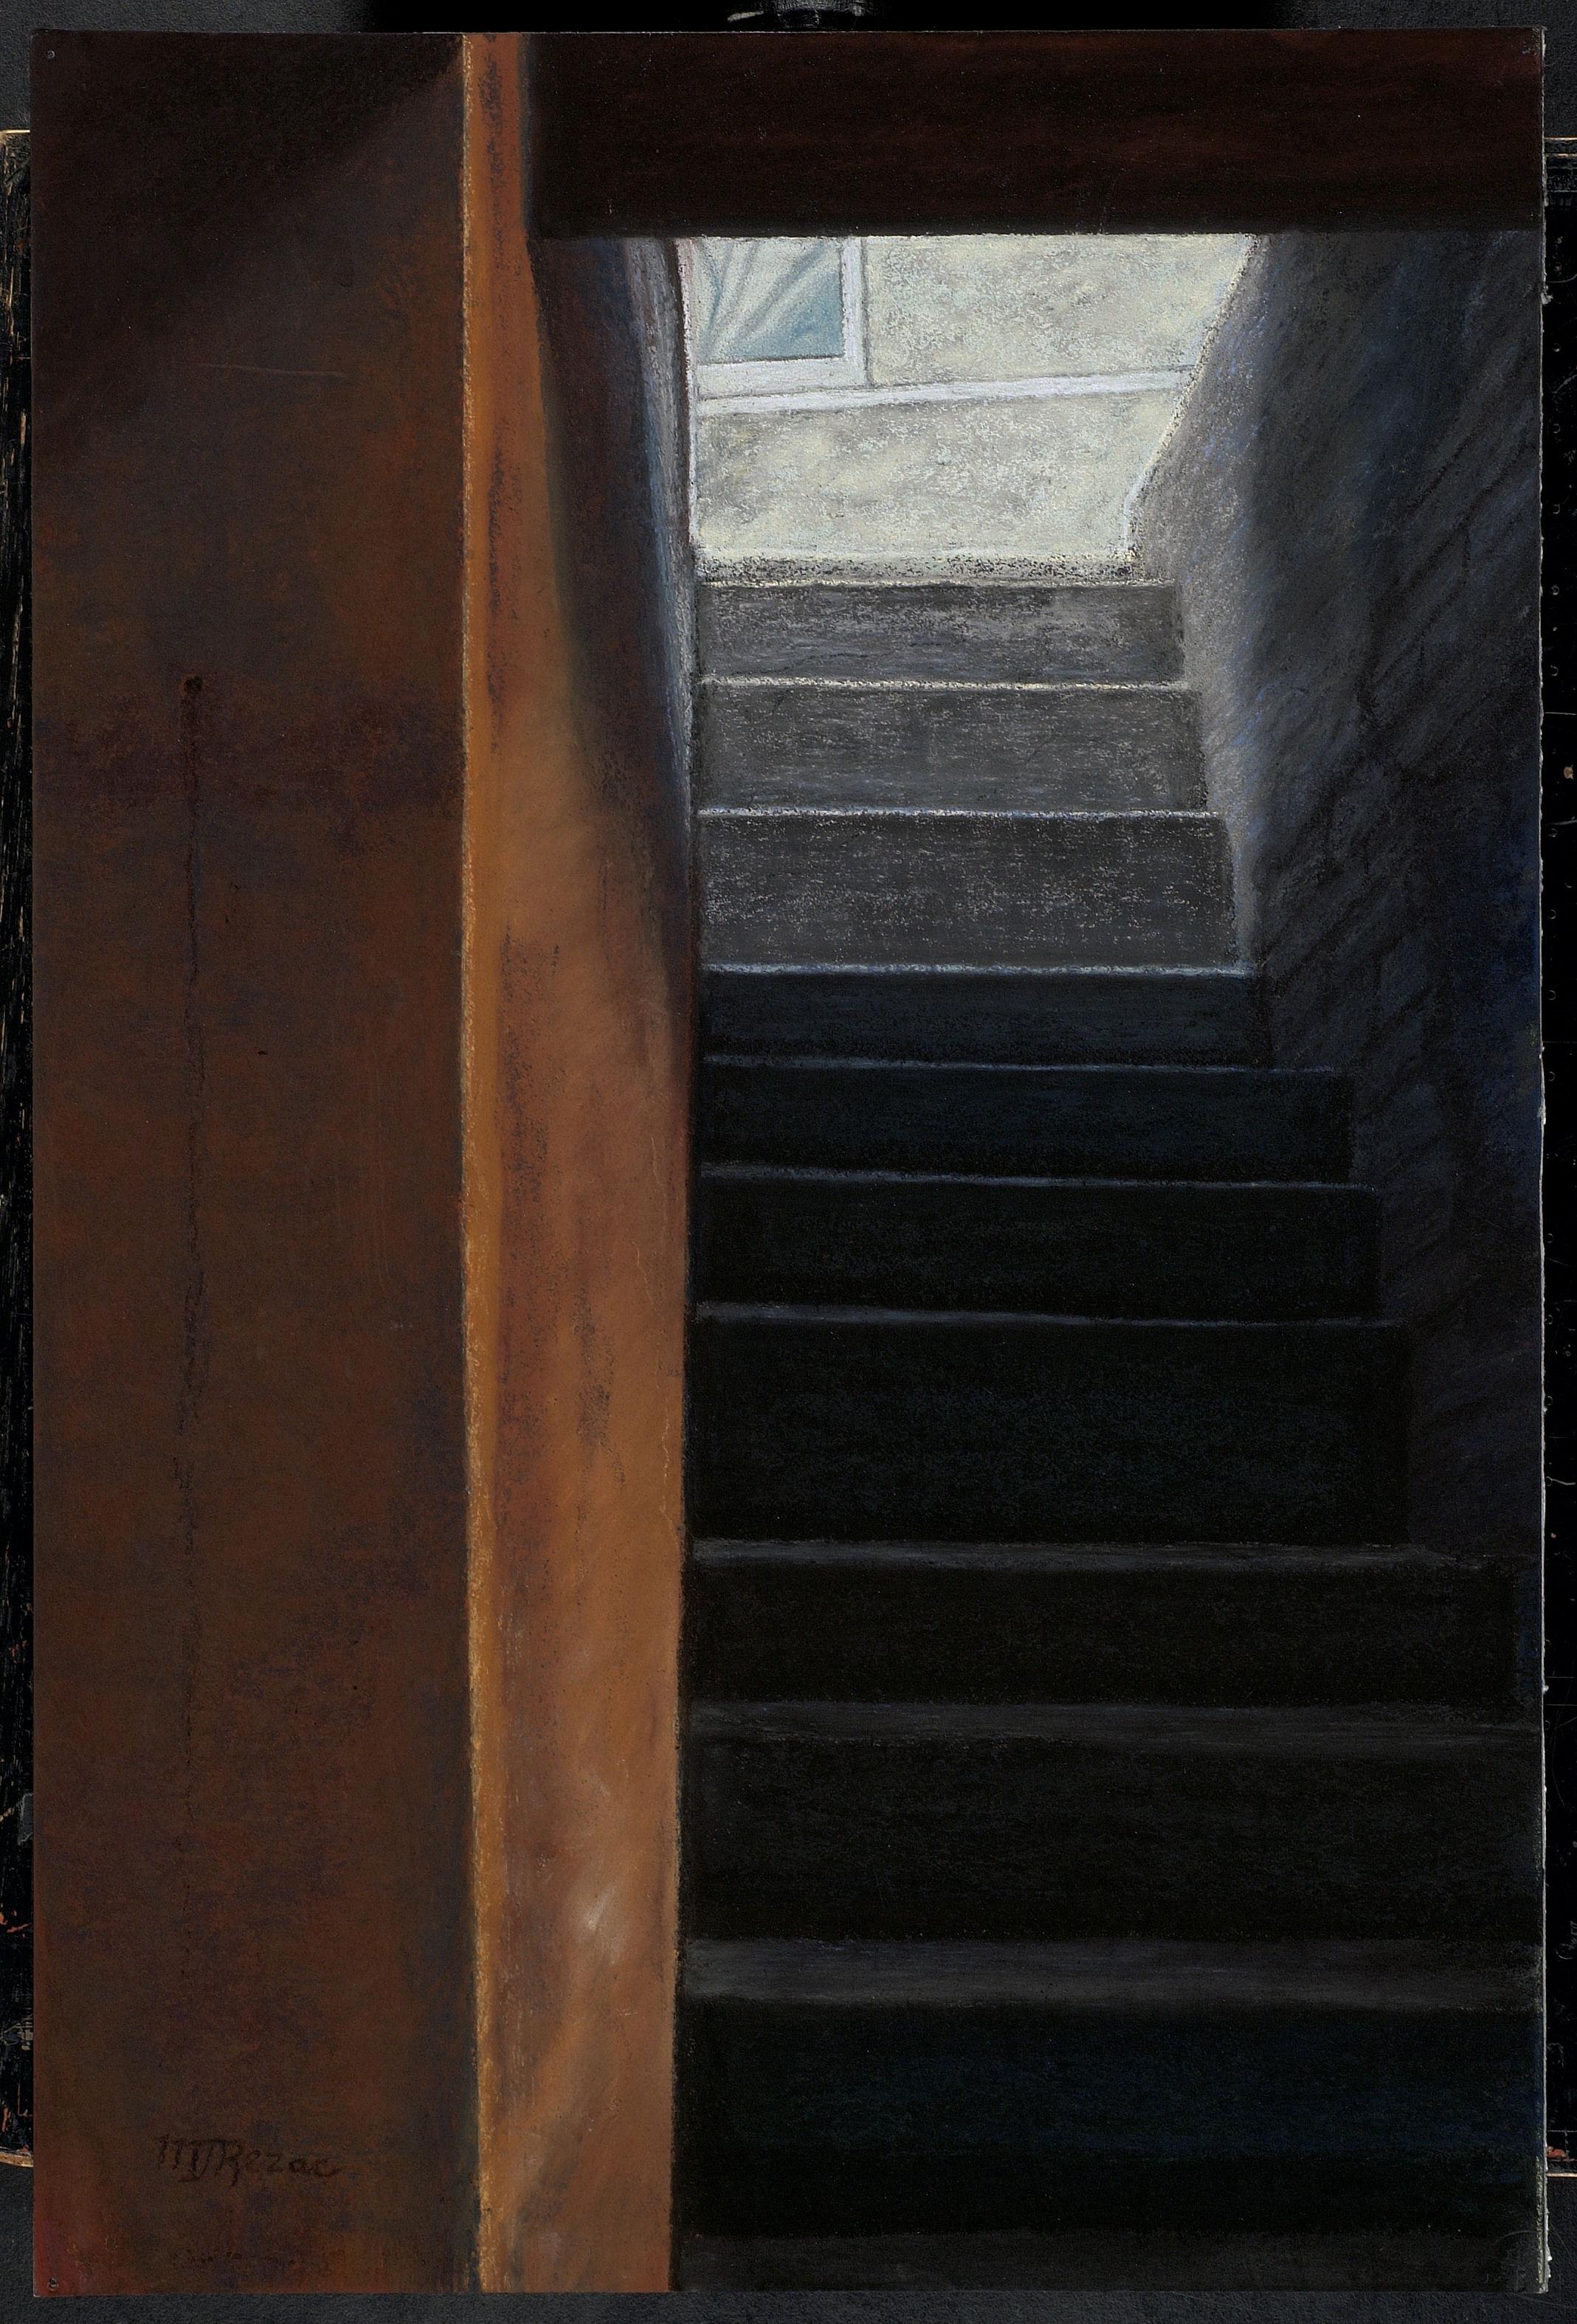 Cellar Stairwell, 2005